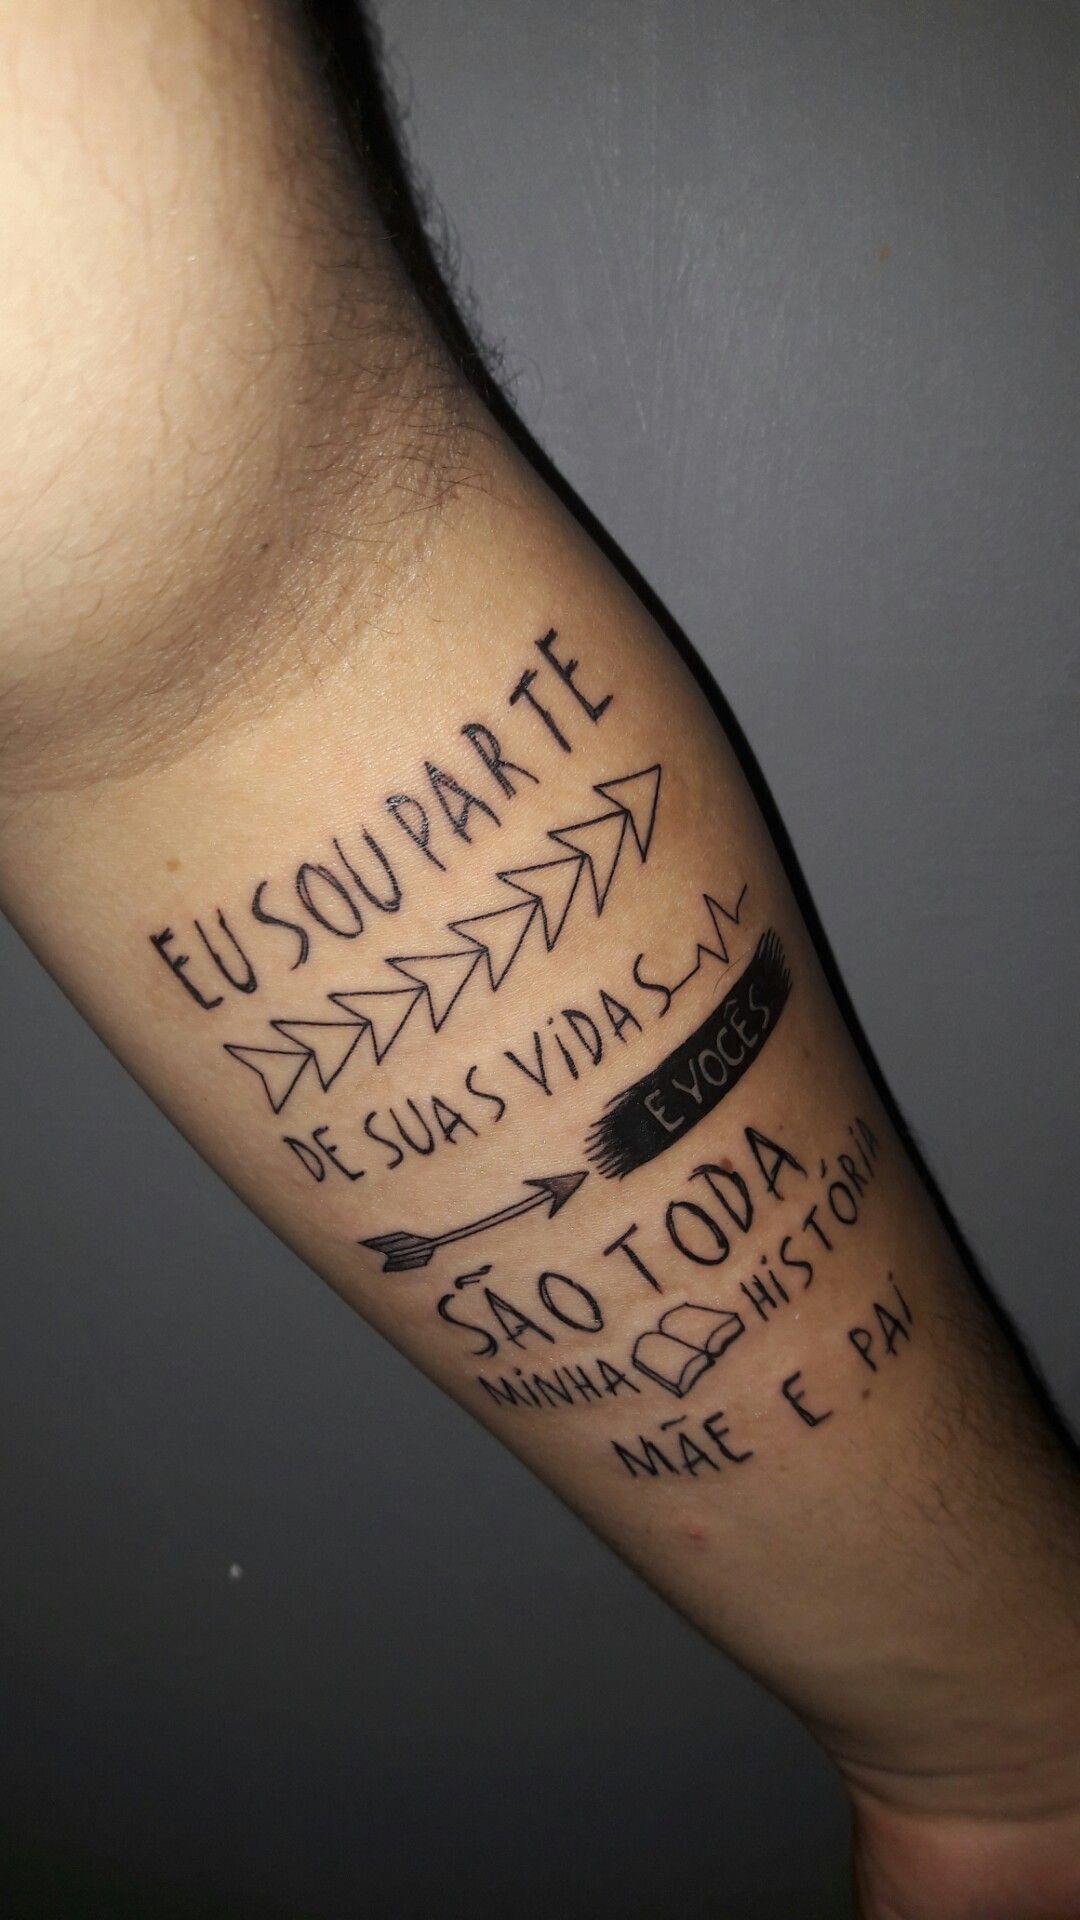 Tatuagem Frase Mãe E Pai Tatuaże Pinterest Tattoos I Piercings